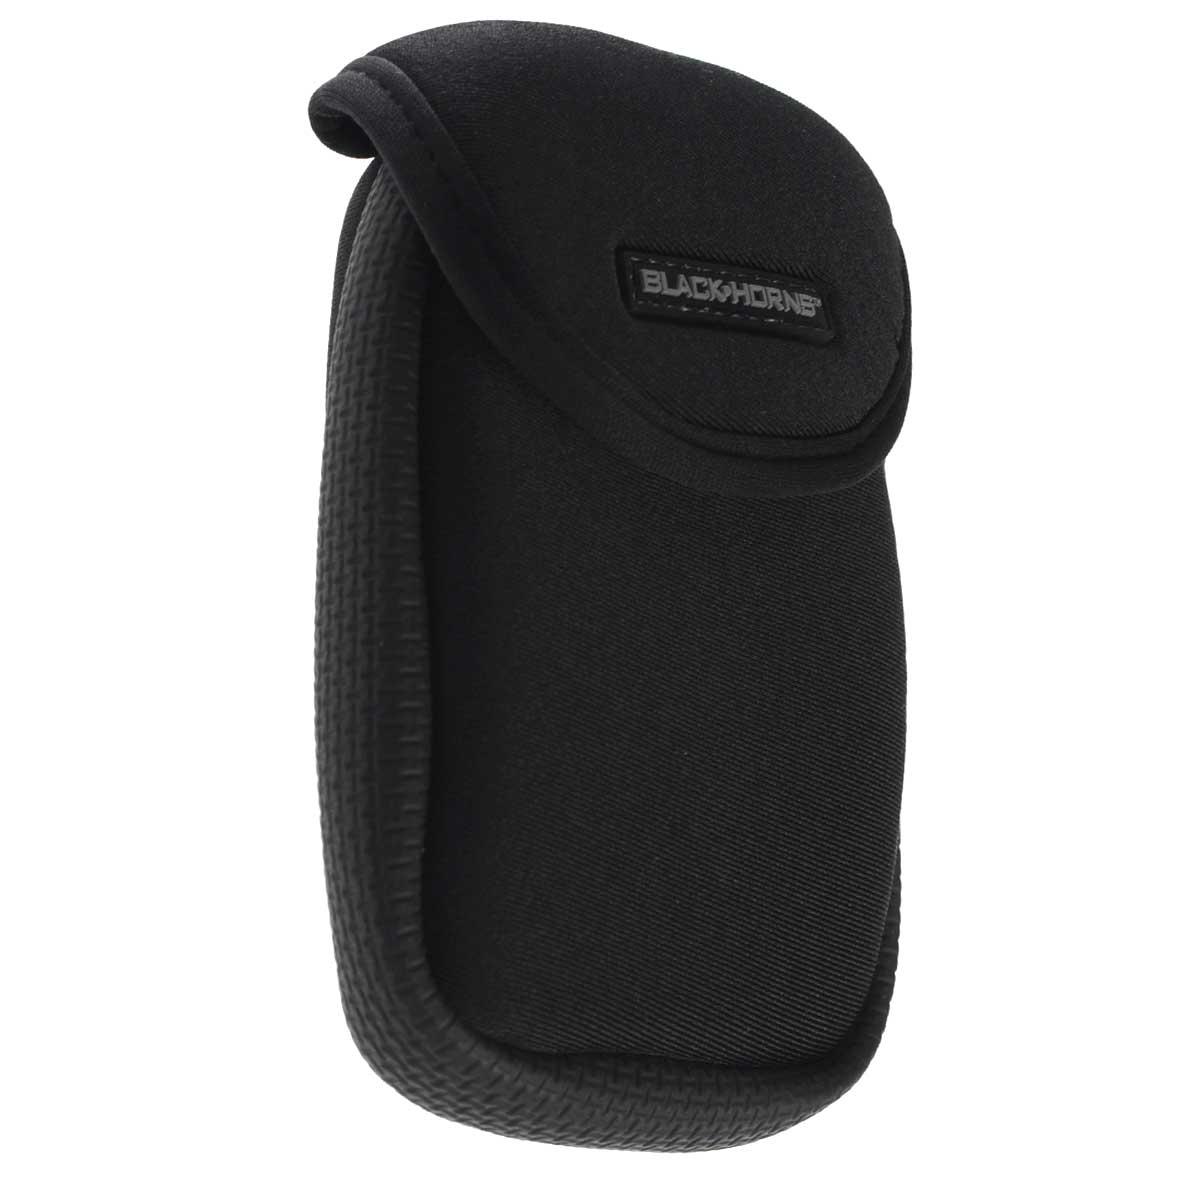 Black Horns Набор 5 в 1 для приставки DS Lite (черный) BH-DSL09801